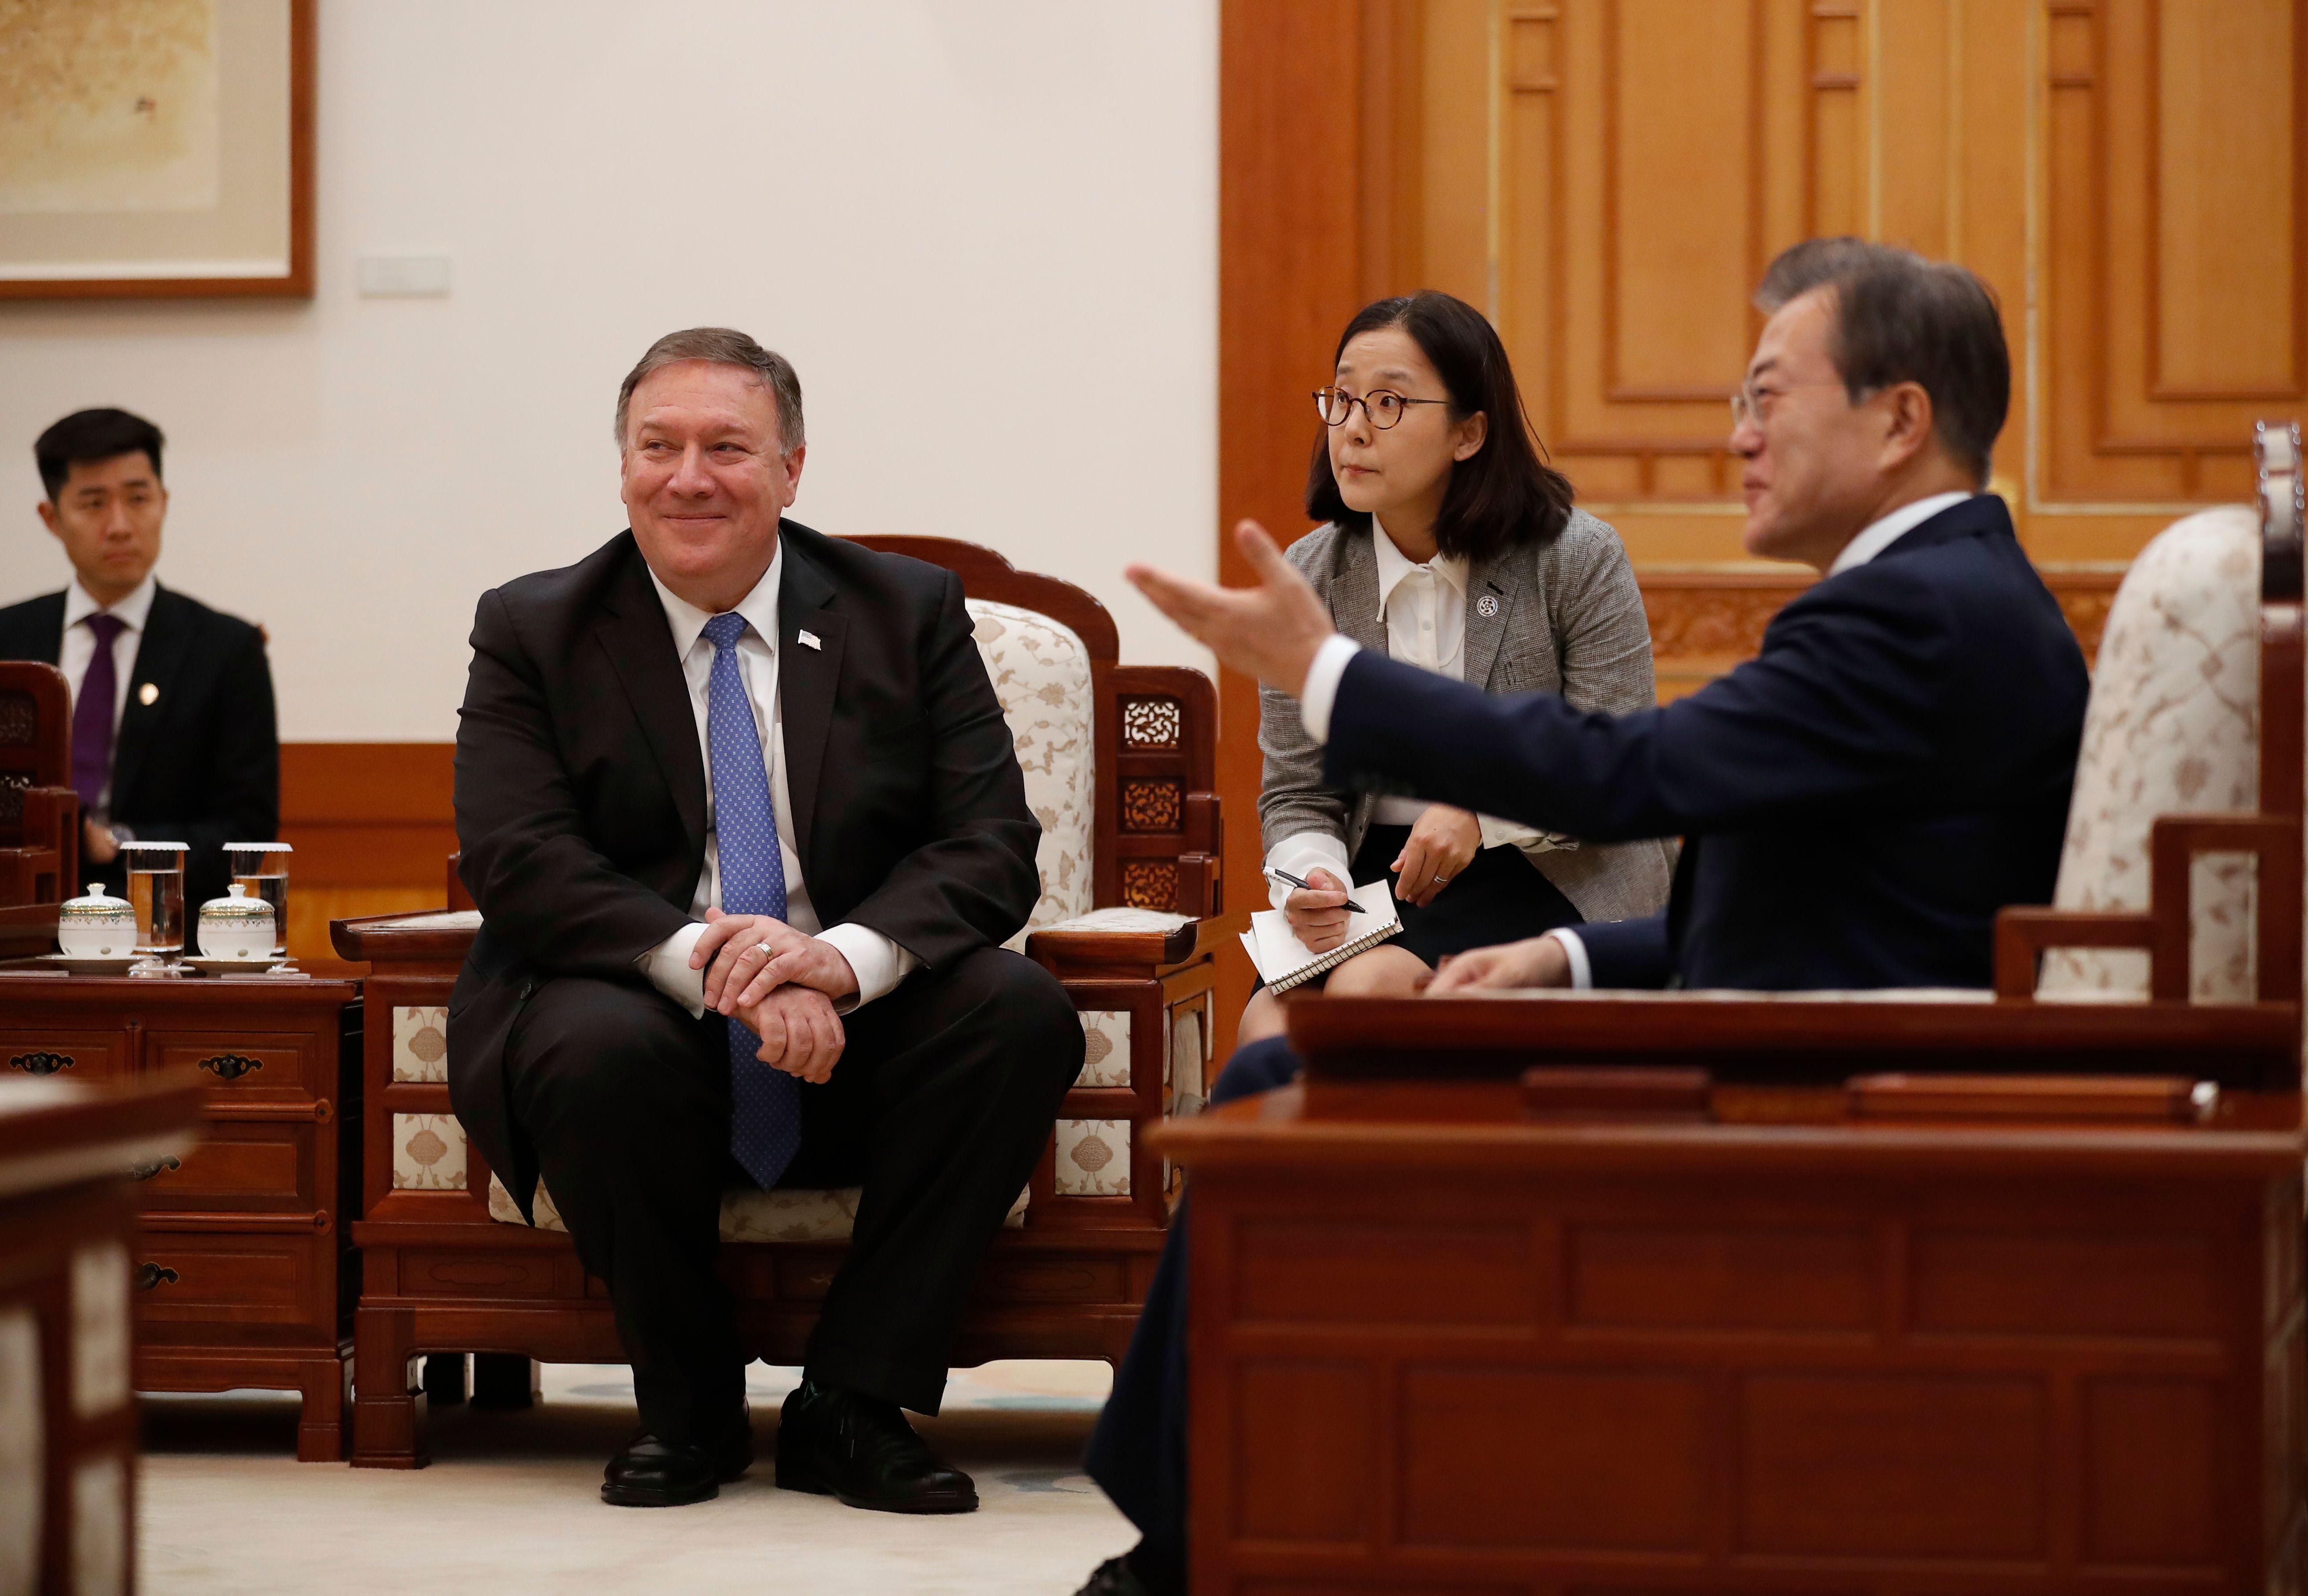 كوريا الجنوبية: قمة واشنطن وبيونغ يانغ أنقذت العالم من خطر حرب نووية